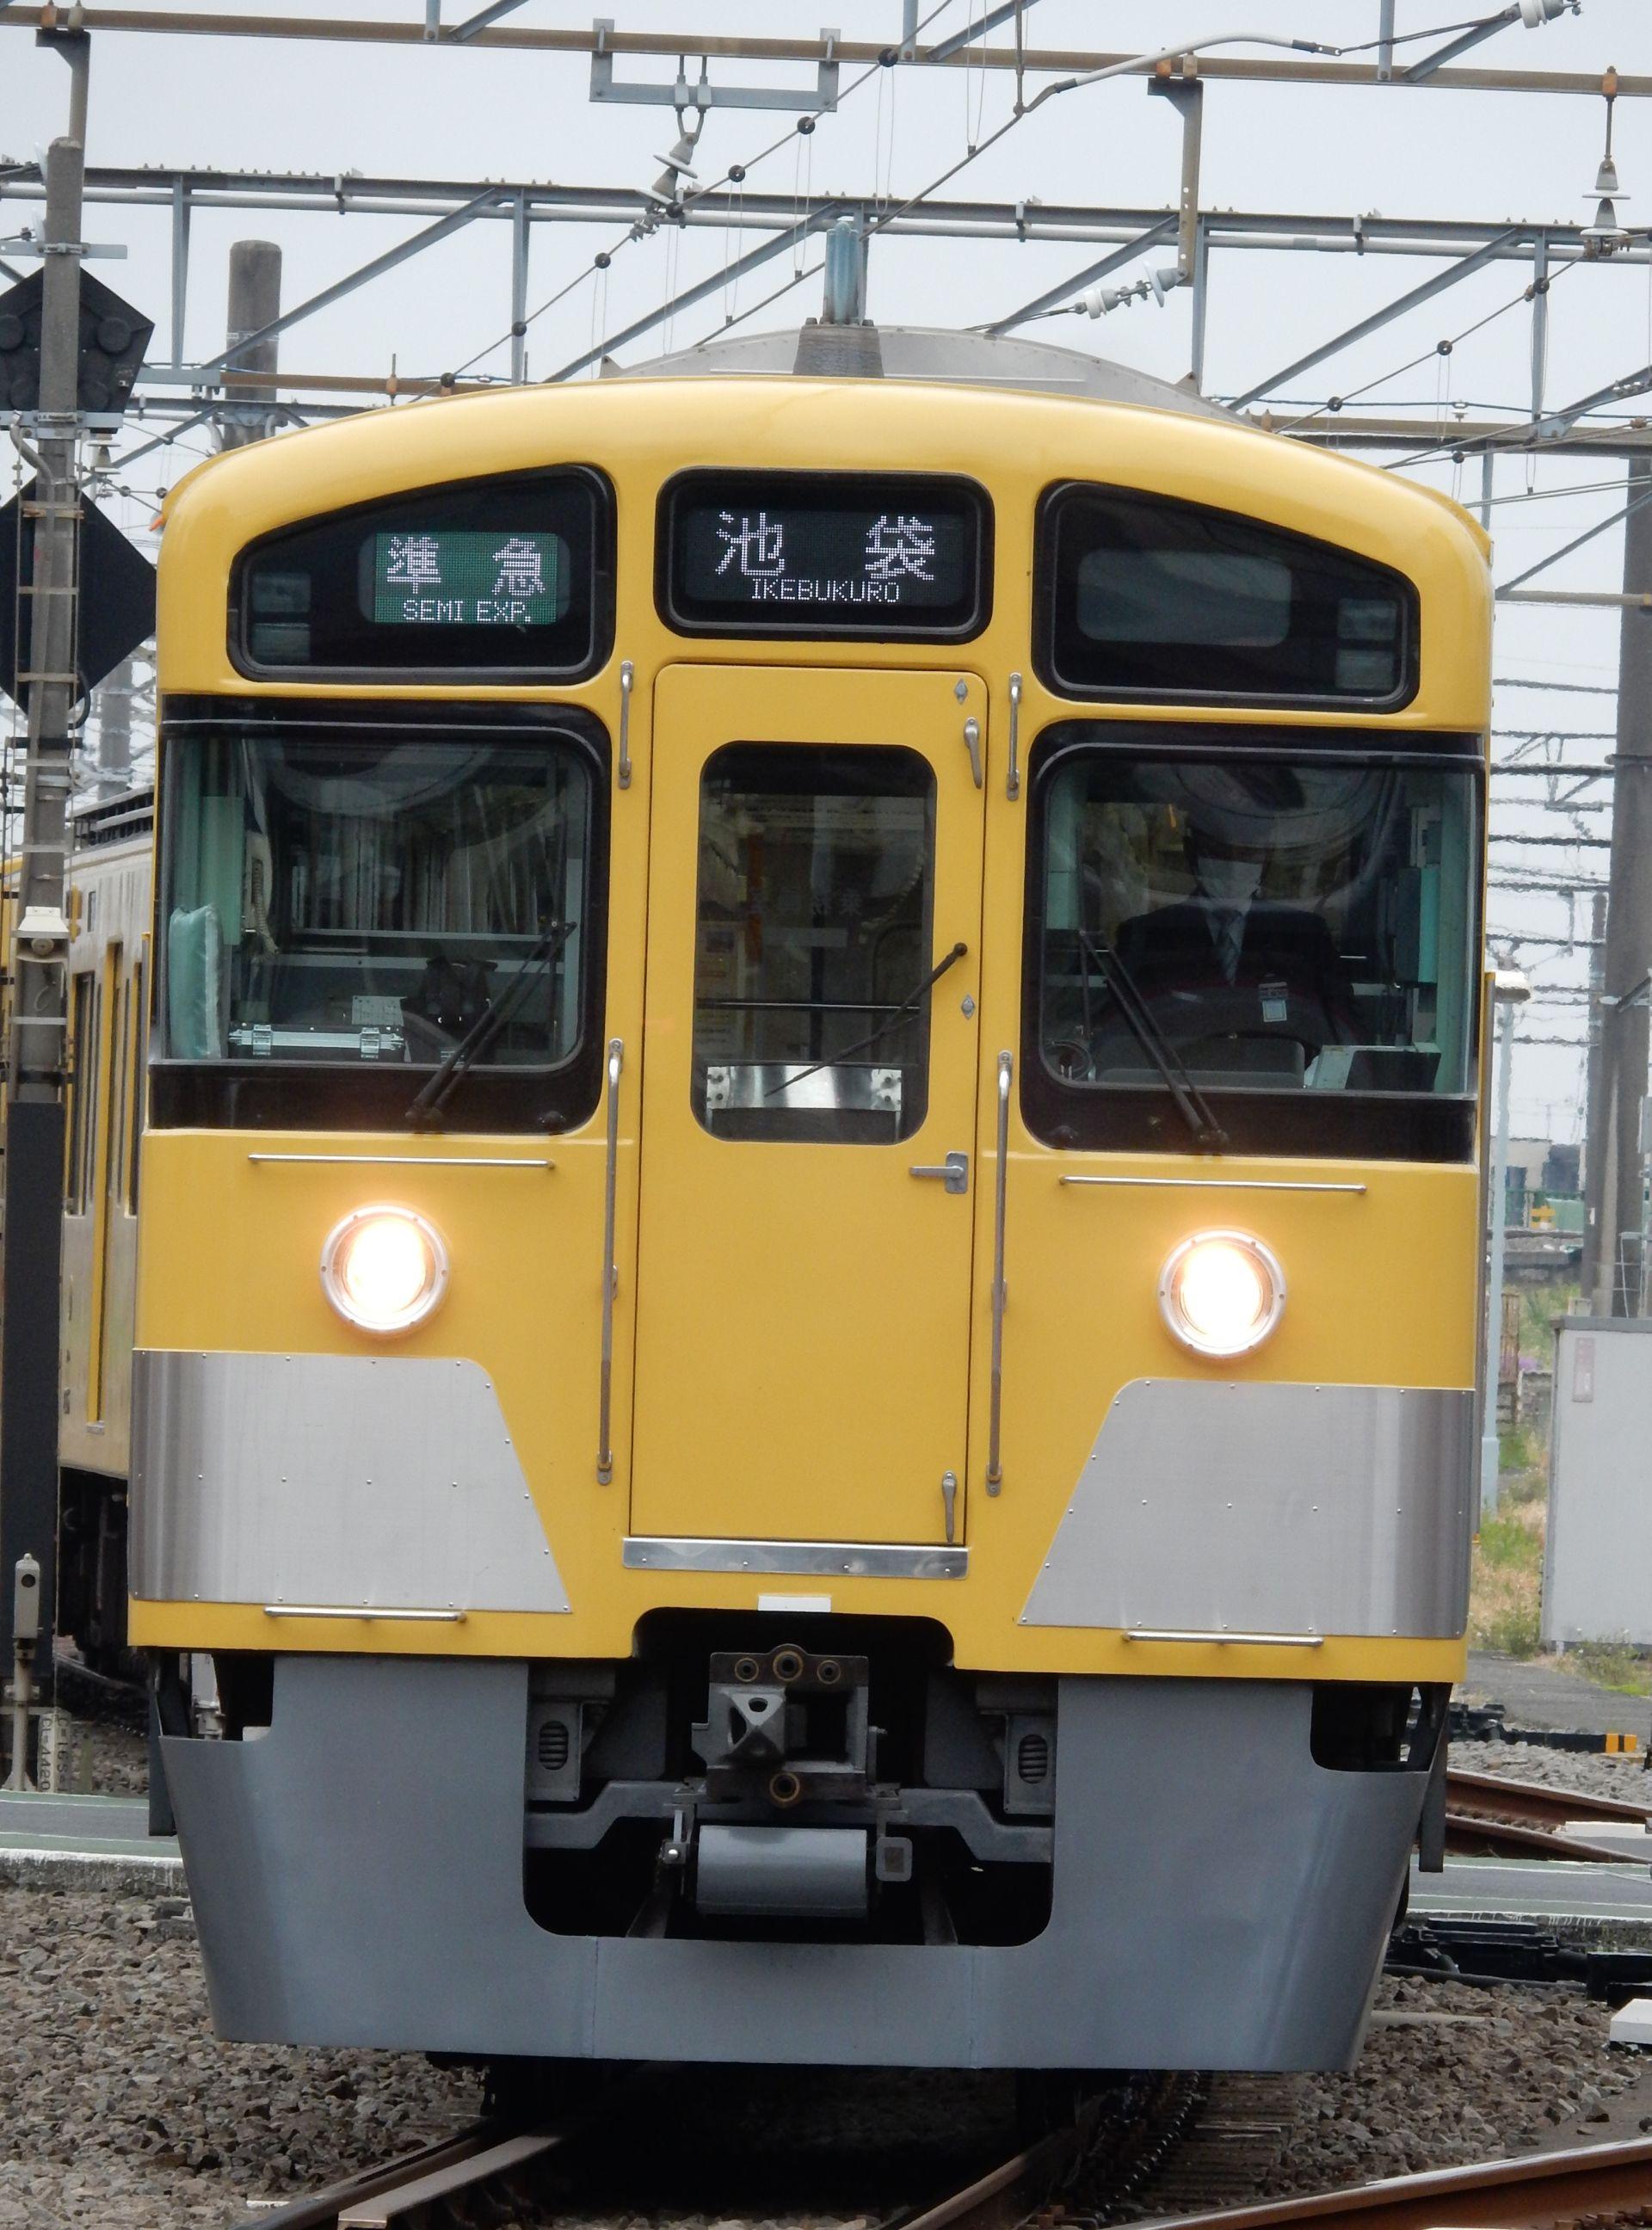 DSCN6669 - コピー